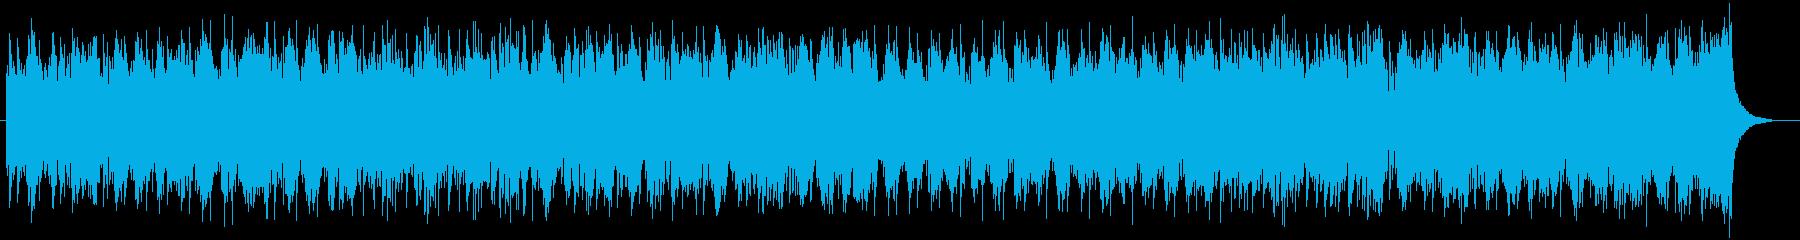 軽快で躍動感のあるストリングポップスの再生済みの波形